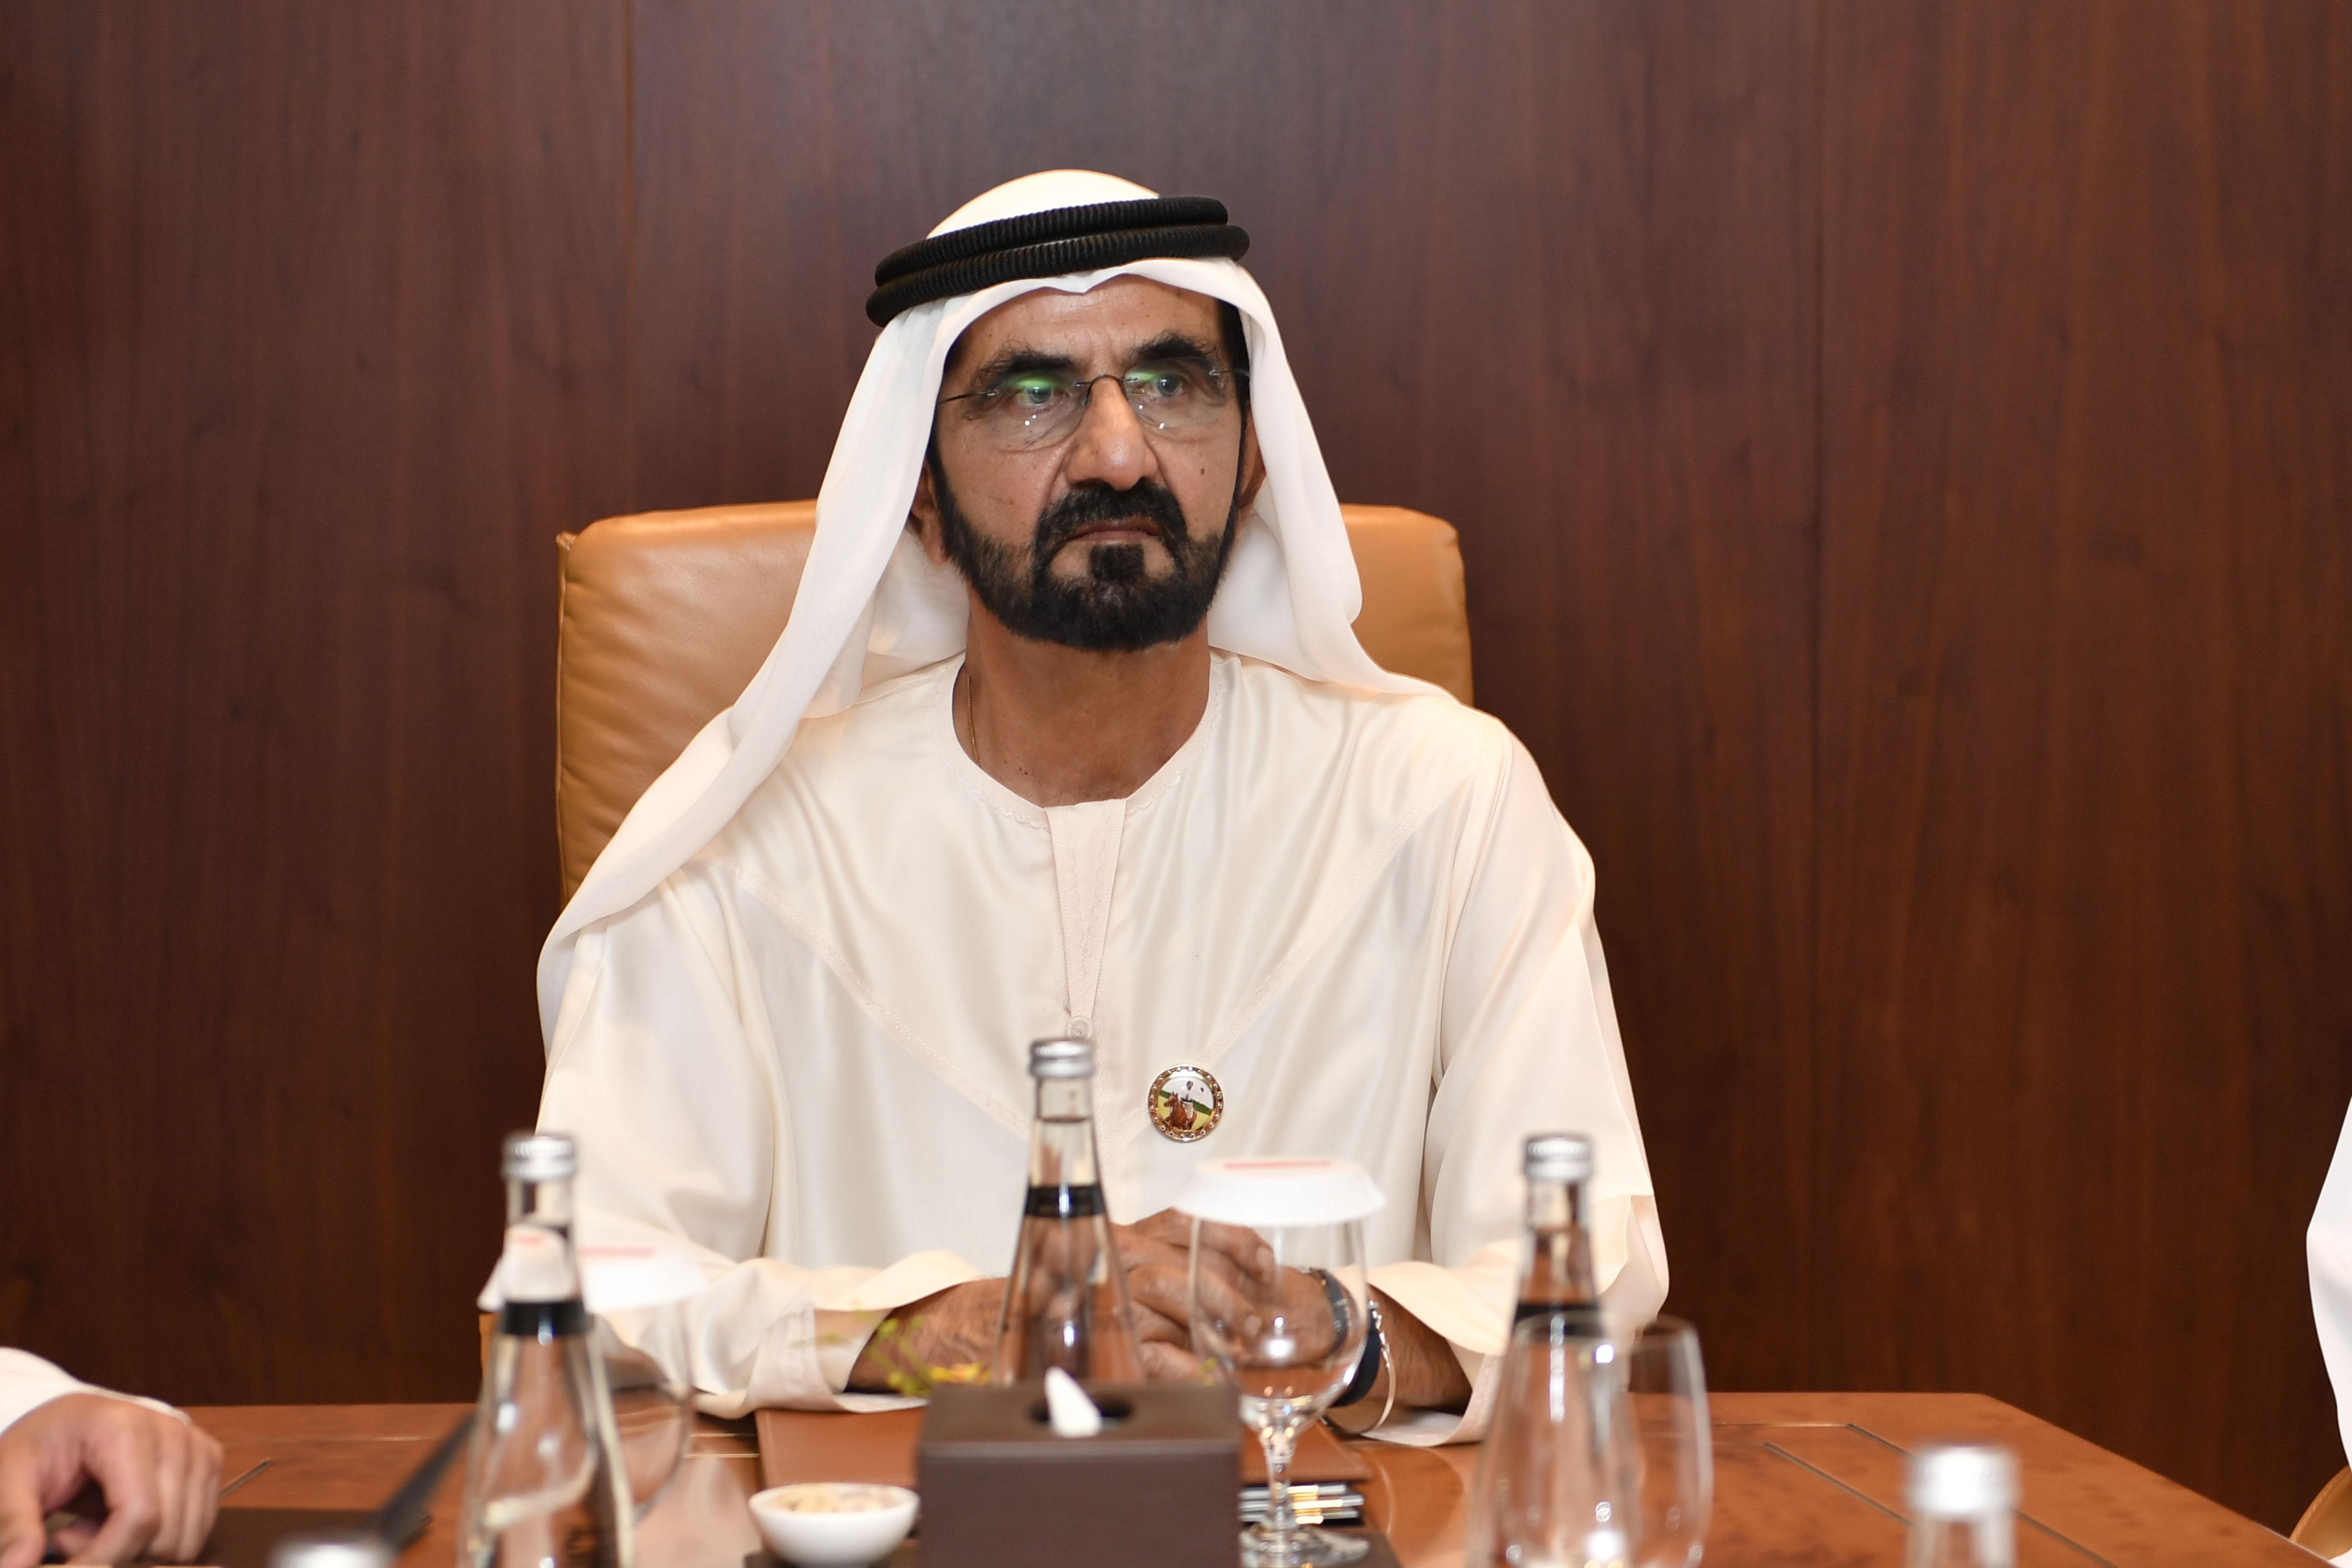 صاحب السمو الشيخ محمد بن راشد آل مكتوم - محمد بن راشد يصدر قانون تنظيم أعمال الصلح في إمارة دبي